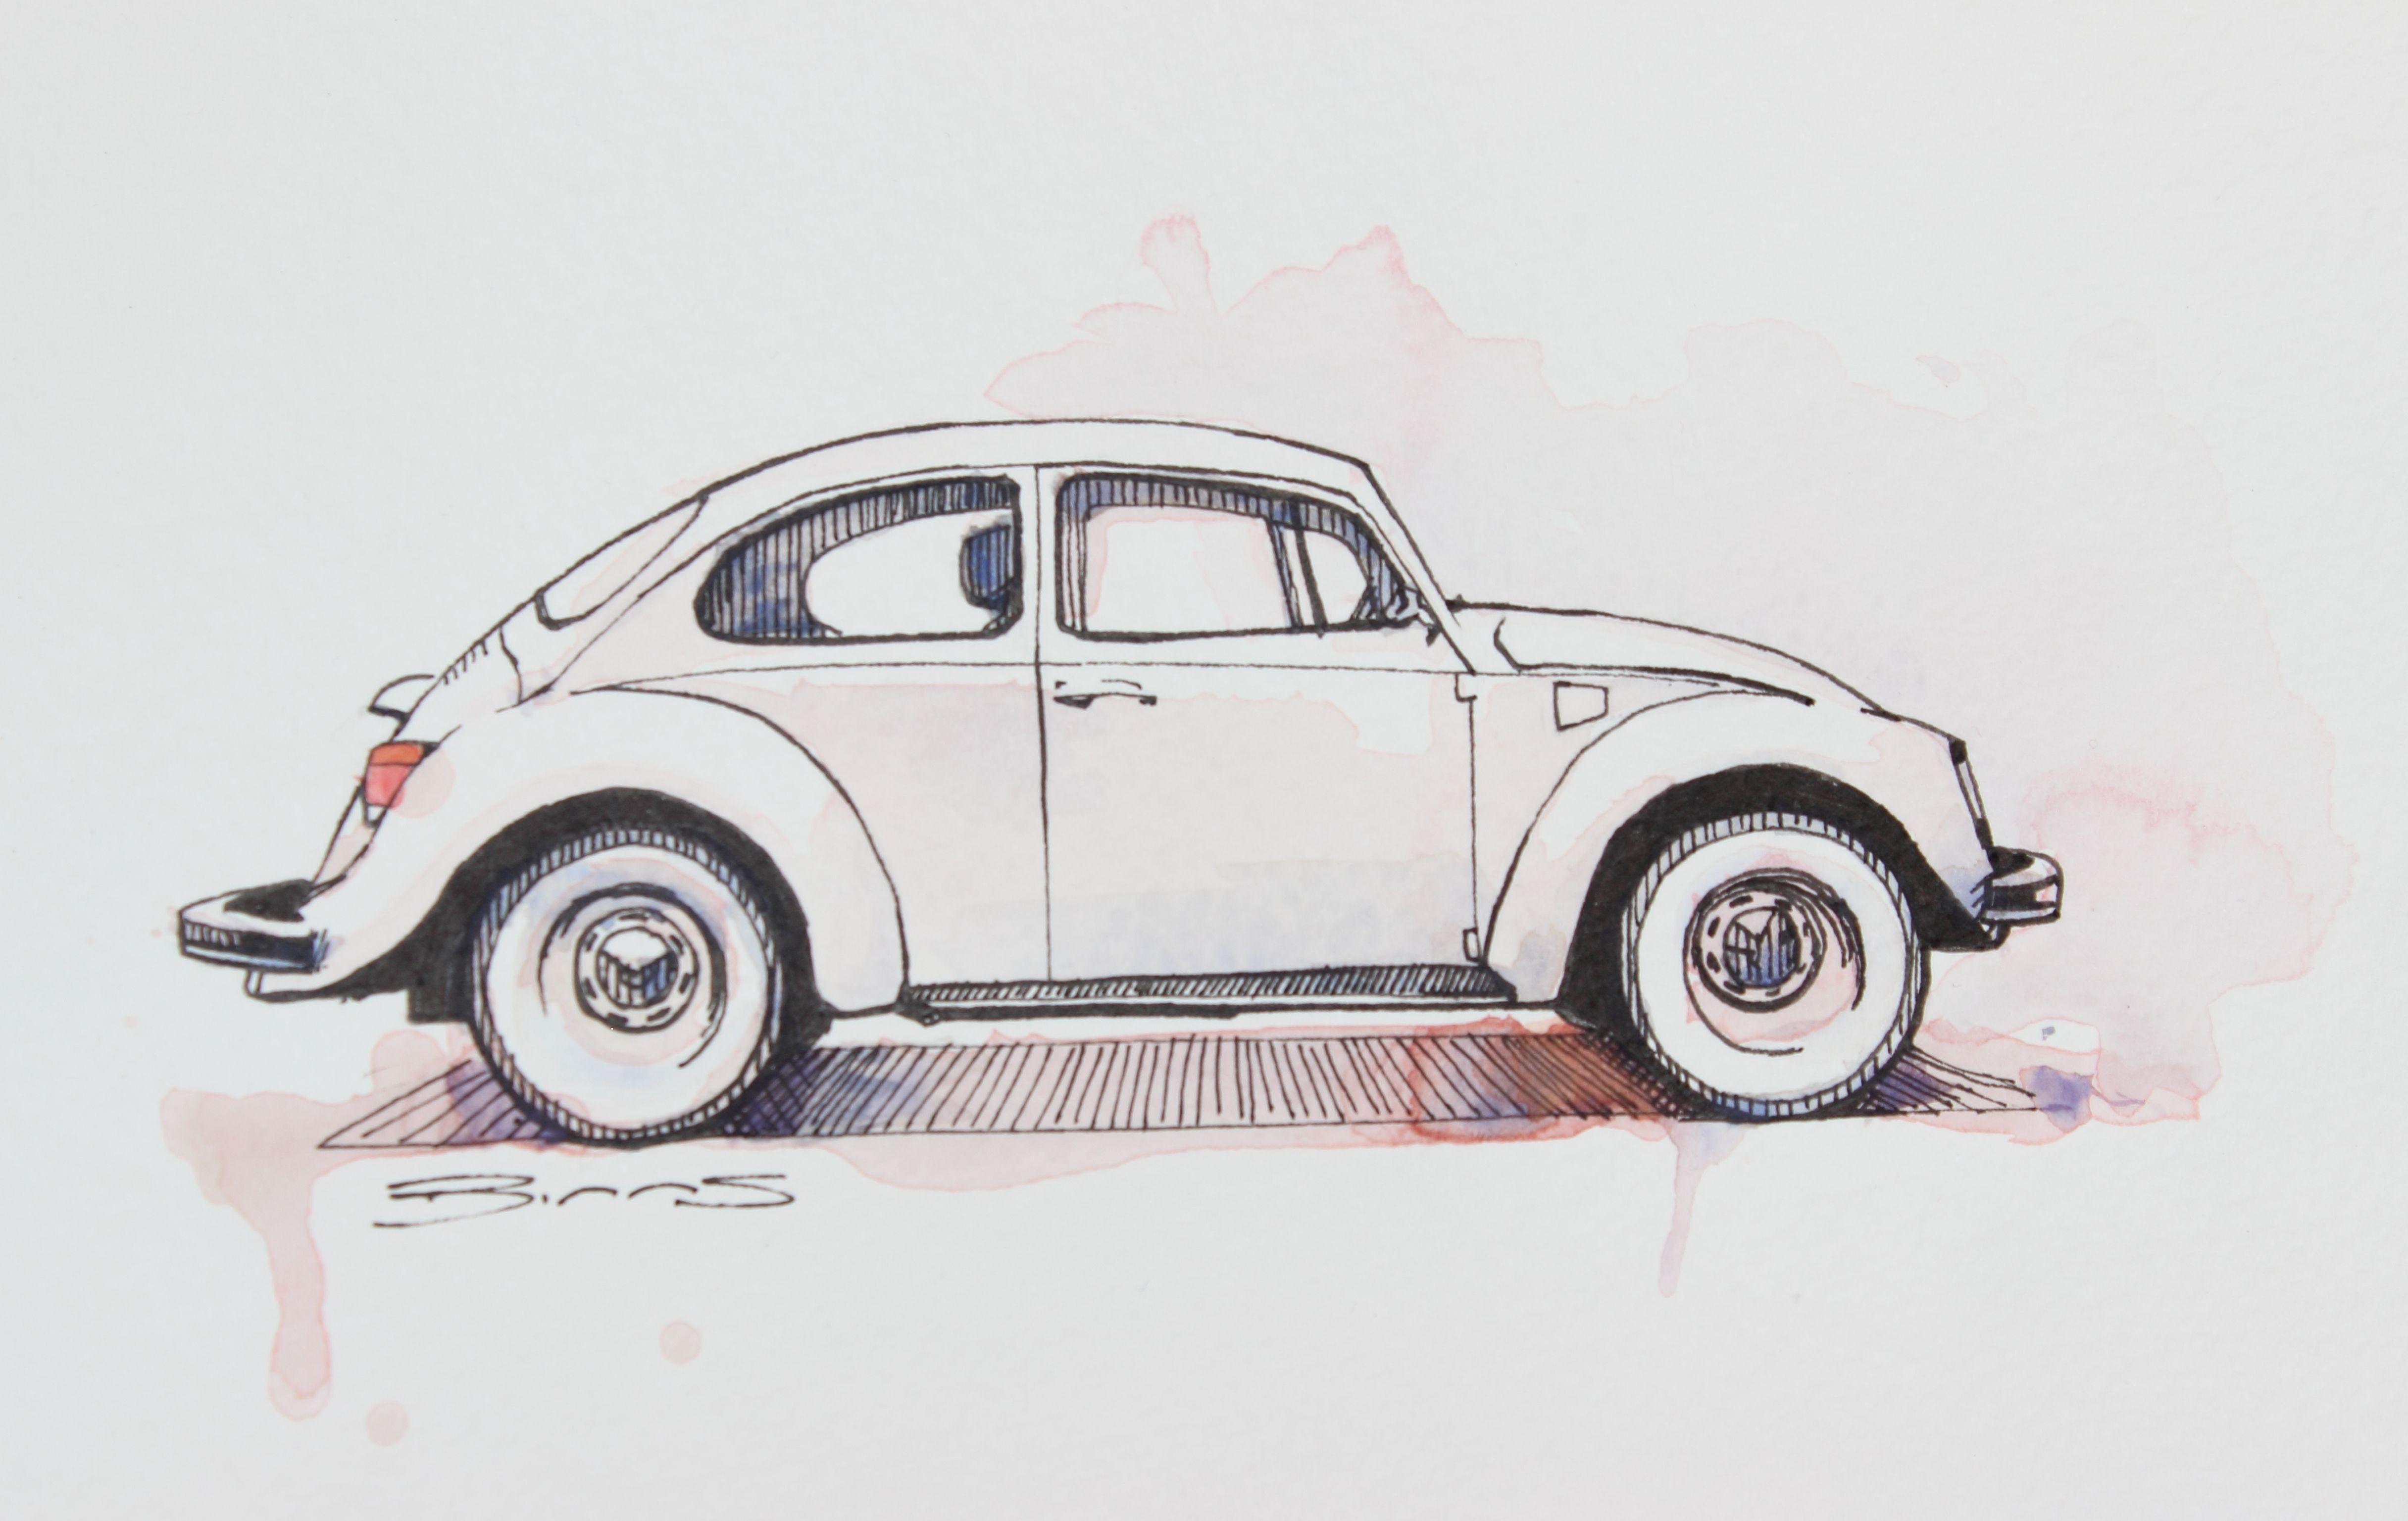 Vw Beetle By Dan Binns